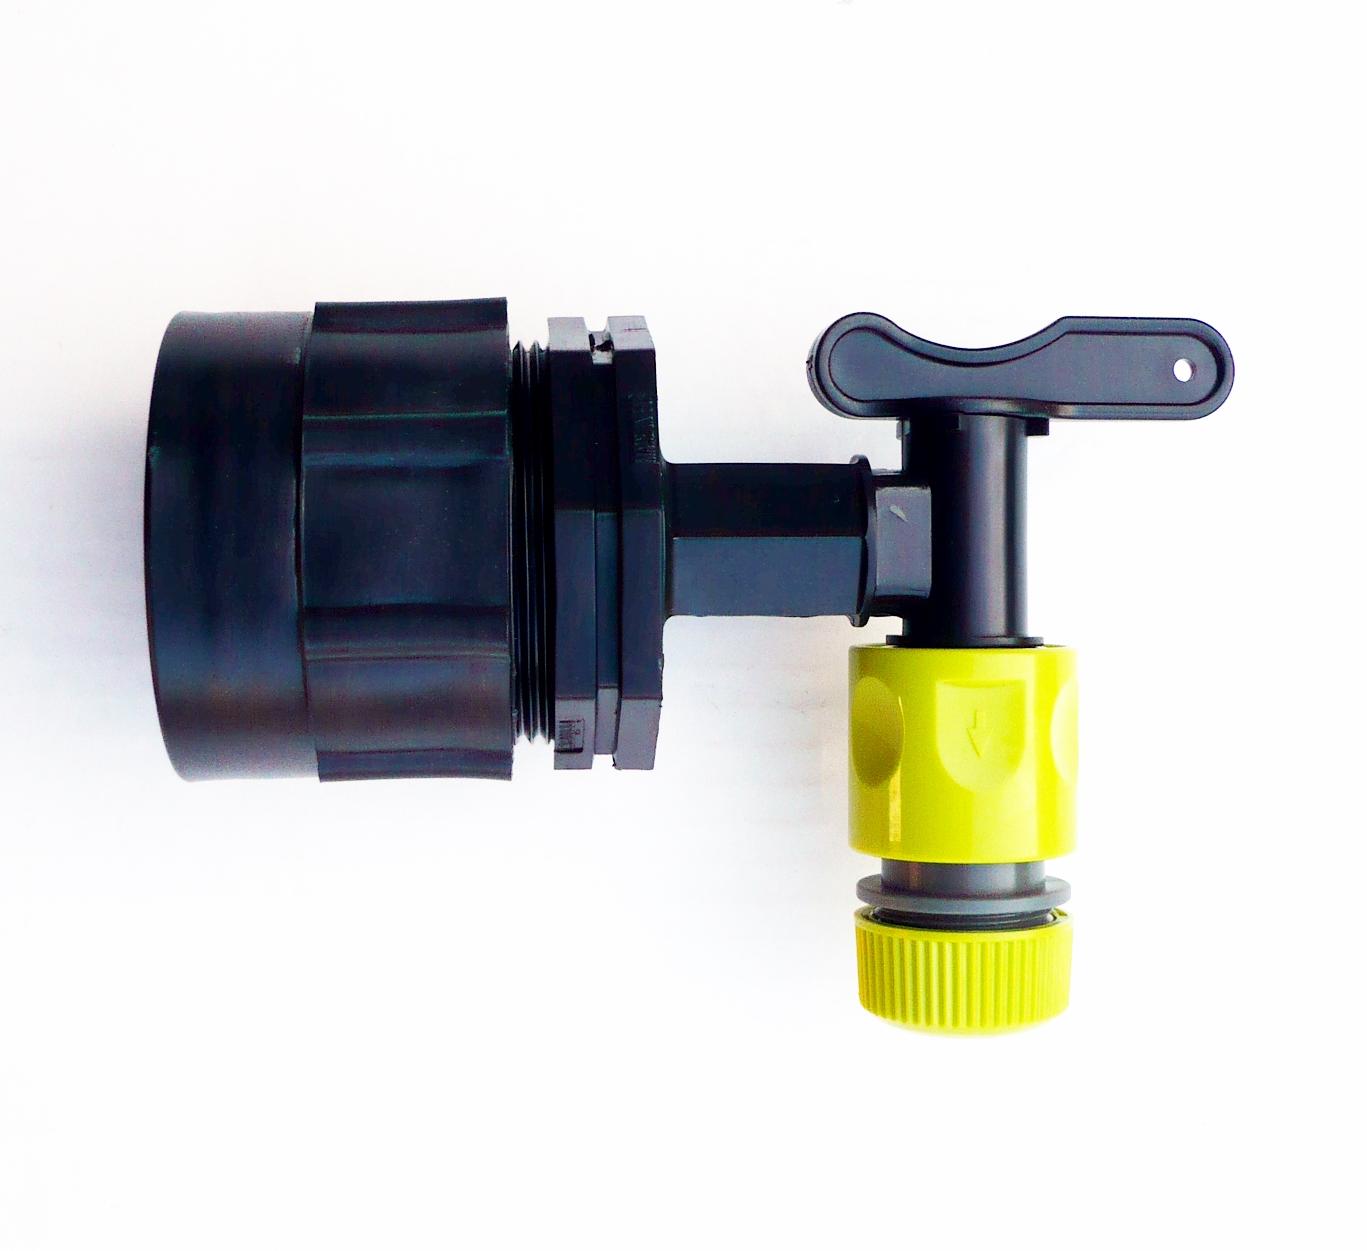 h d ibc adaptateur s60x6 pour robinet citerne eau de pluie c avec construit en ebay. Black Bedroom Furniture Sets. Home Design Ideas